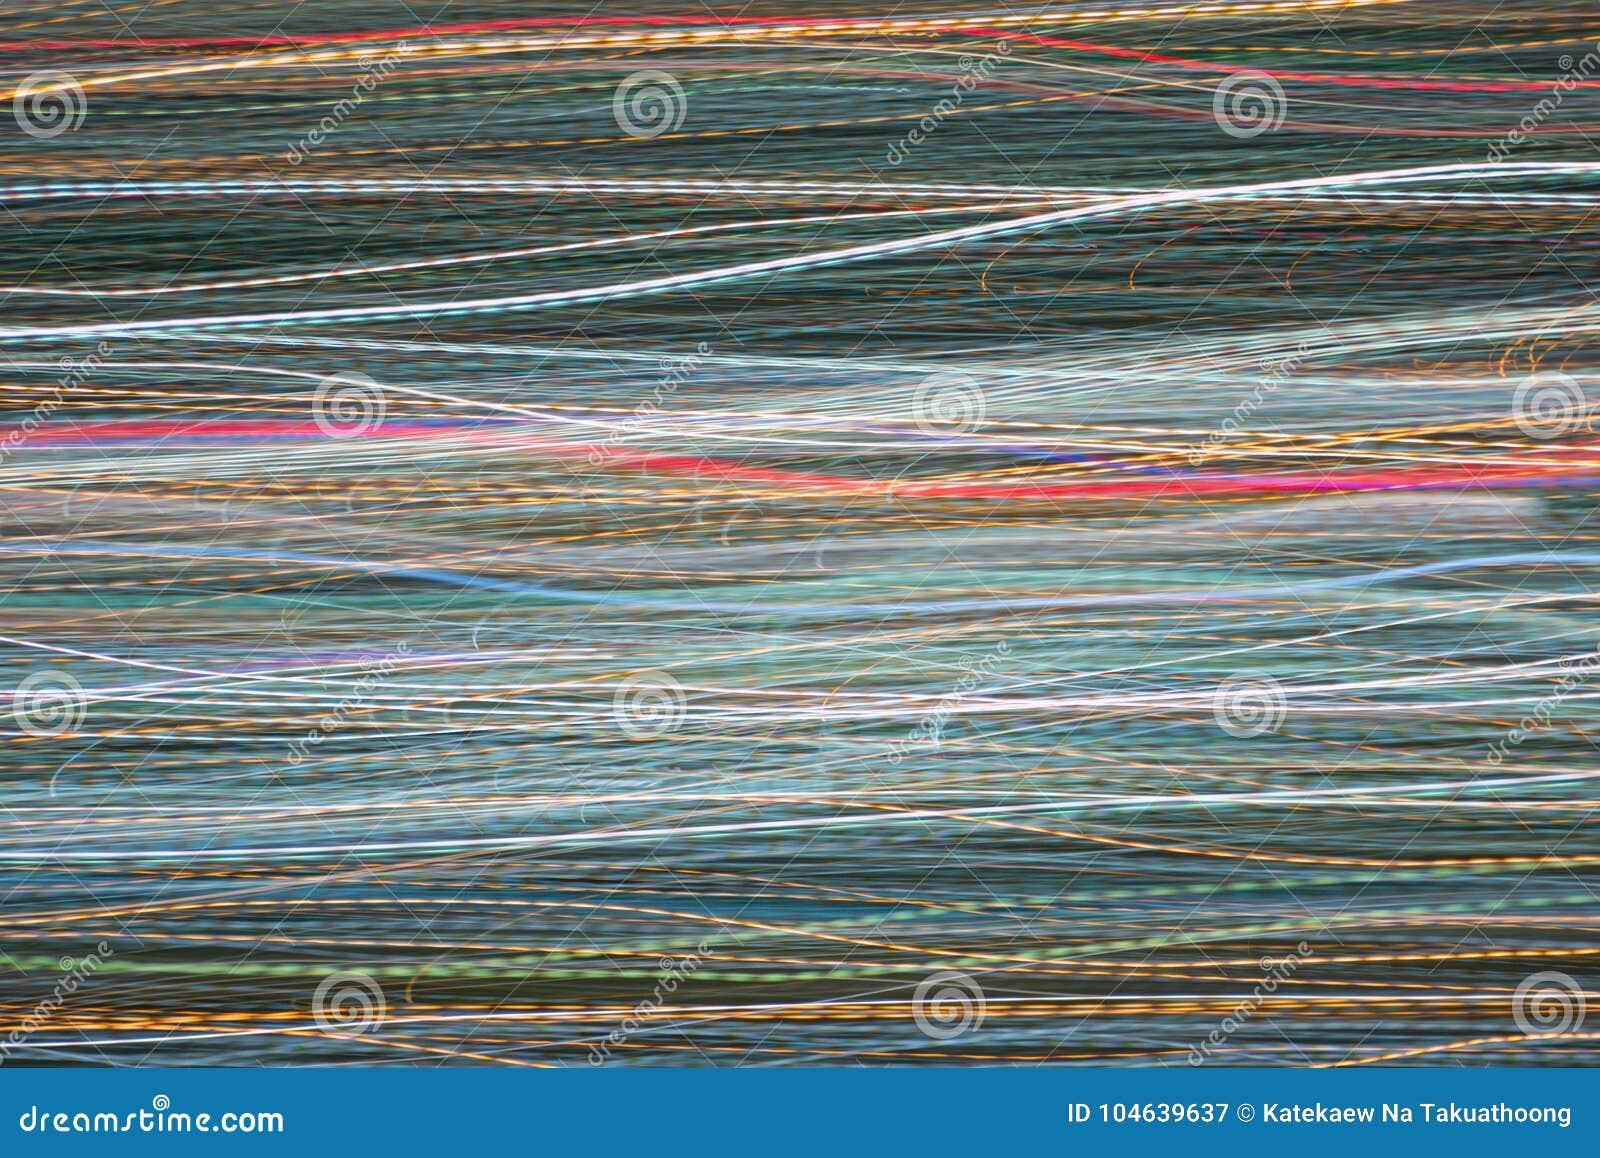 Download Het Effect Van Het Ontploffingsgezoem, Lichte Lijnen Met Lange Blootstelling Stock Afbeelding - Afbeelding bestaande uit achtergrond, uitbarsting: 104639637